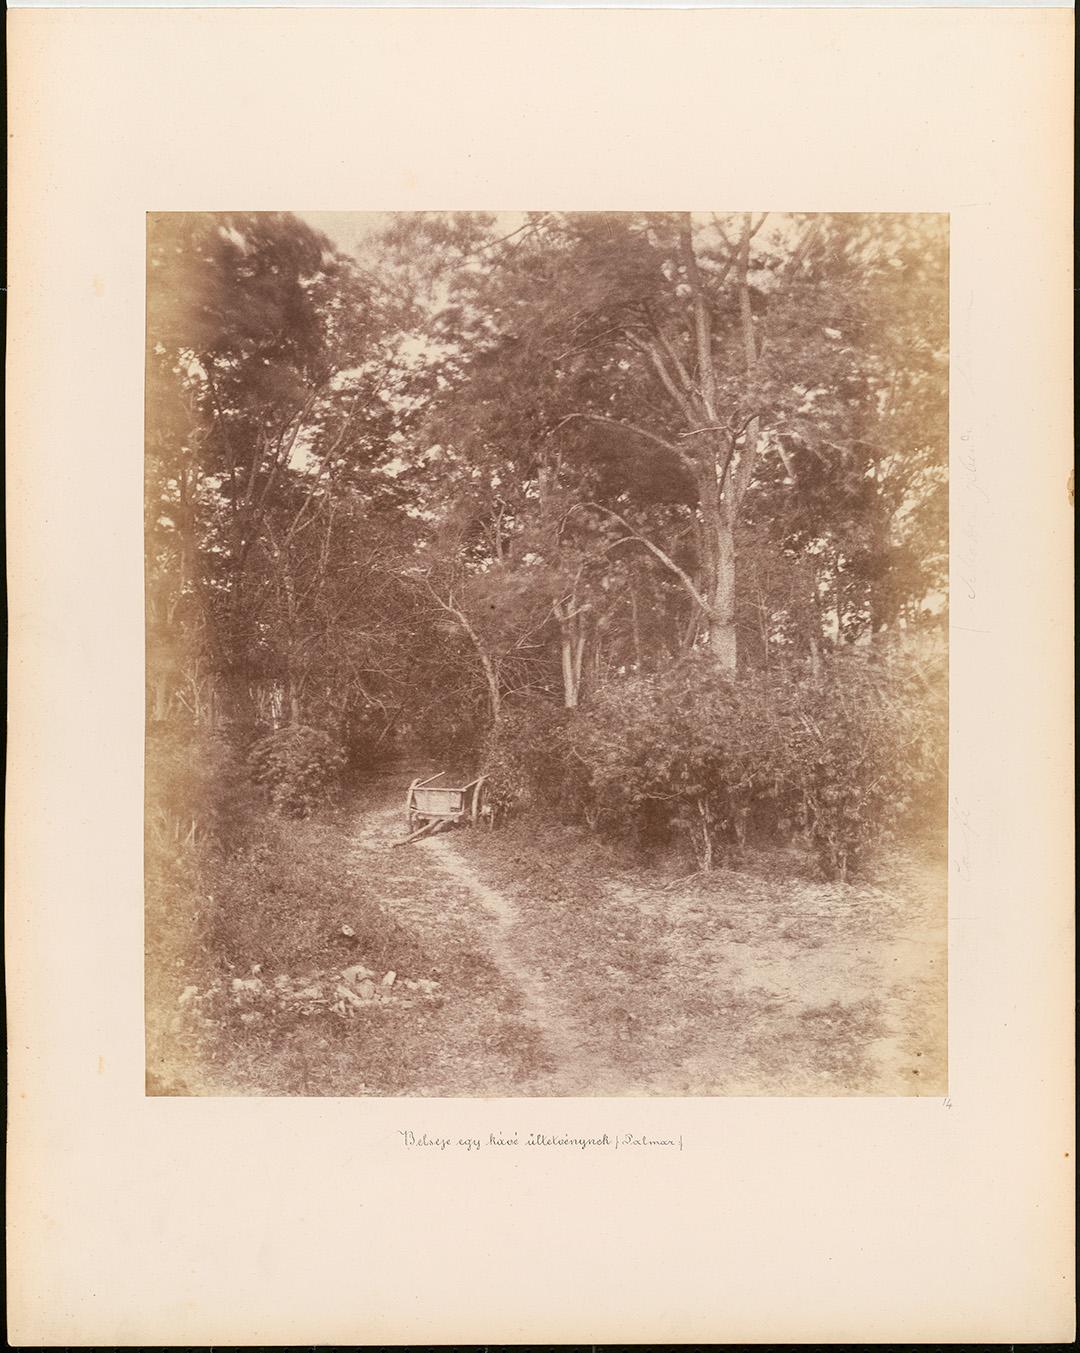 Fotó: Rosti Pál: Kávéültetvény Palmarban, 1857, Venezuela © Magyar Fotográfiai Múzeum